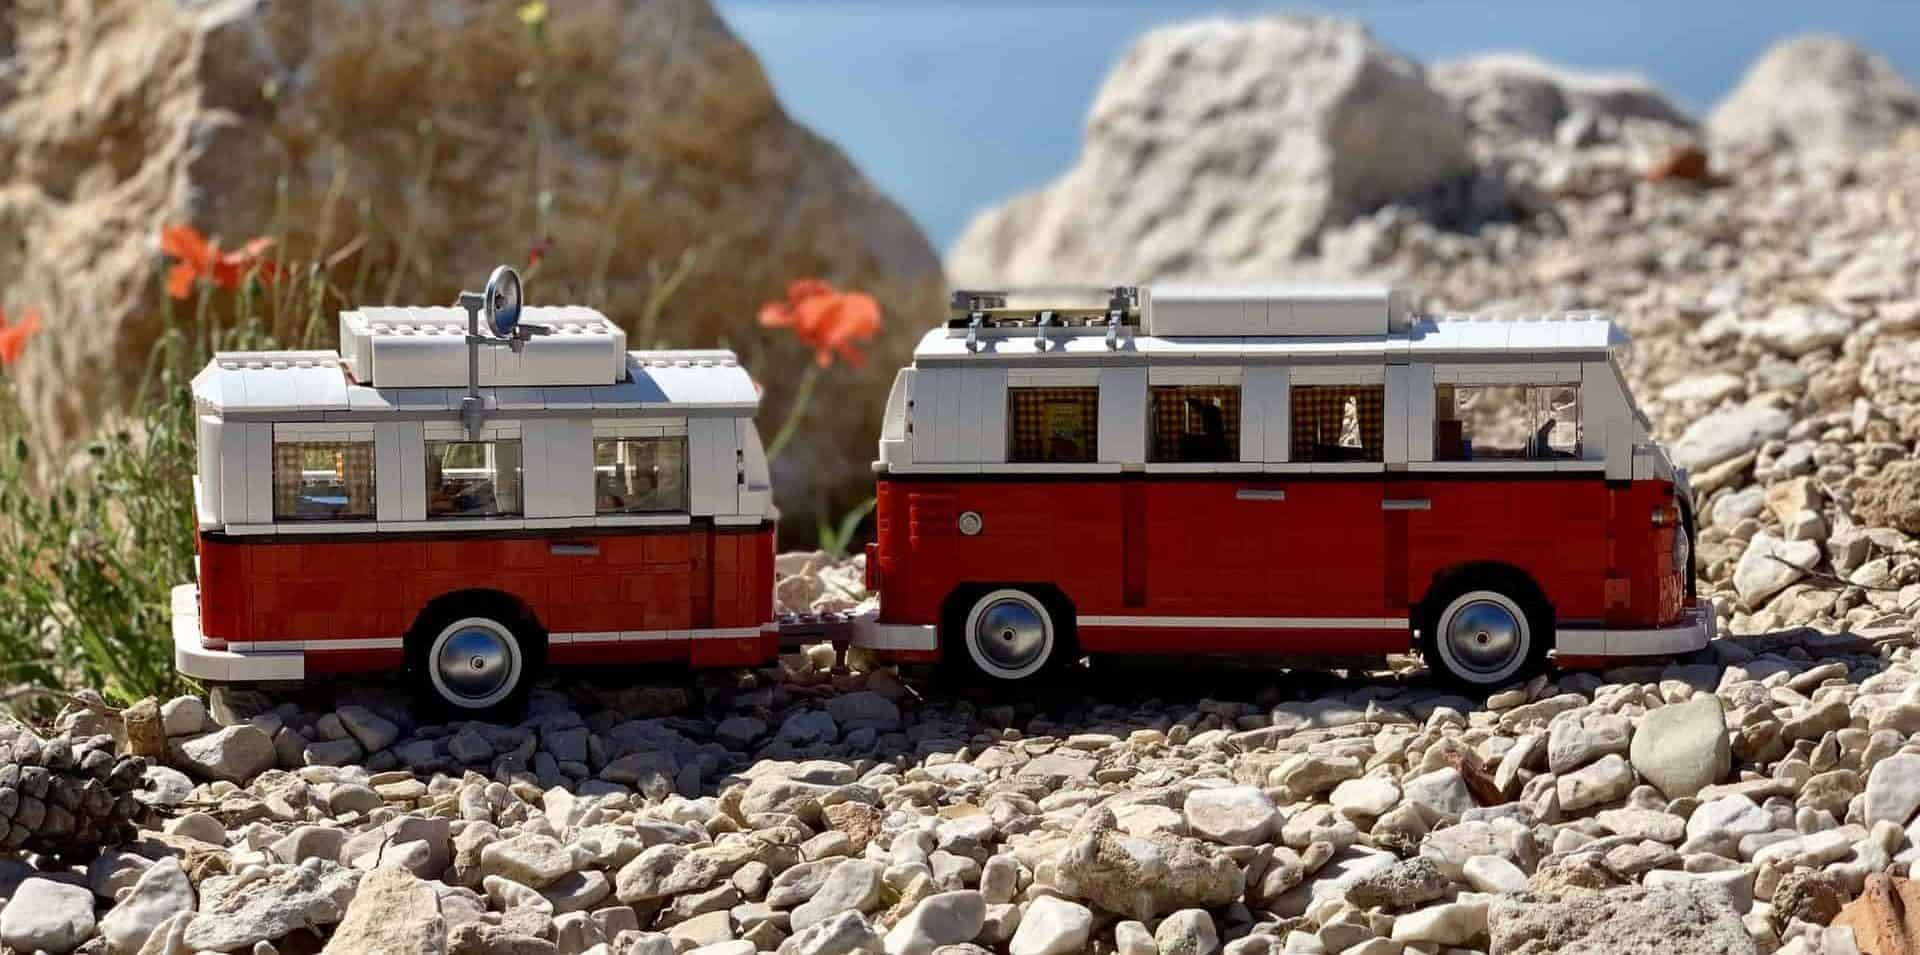 Kroatien_Duce_Lego_Wohnmobil_mit_Mohn_Meer